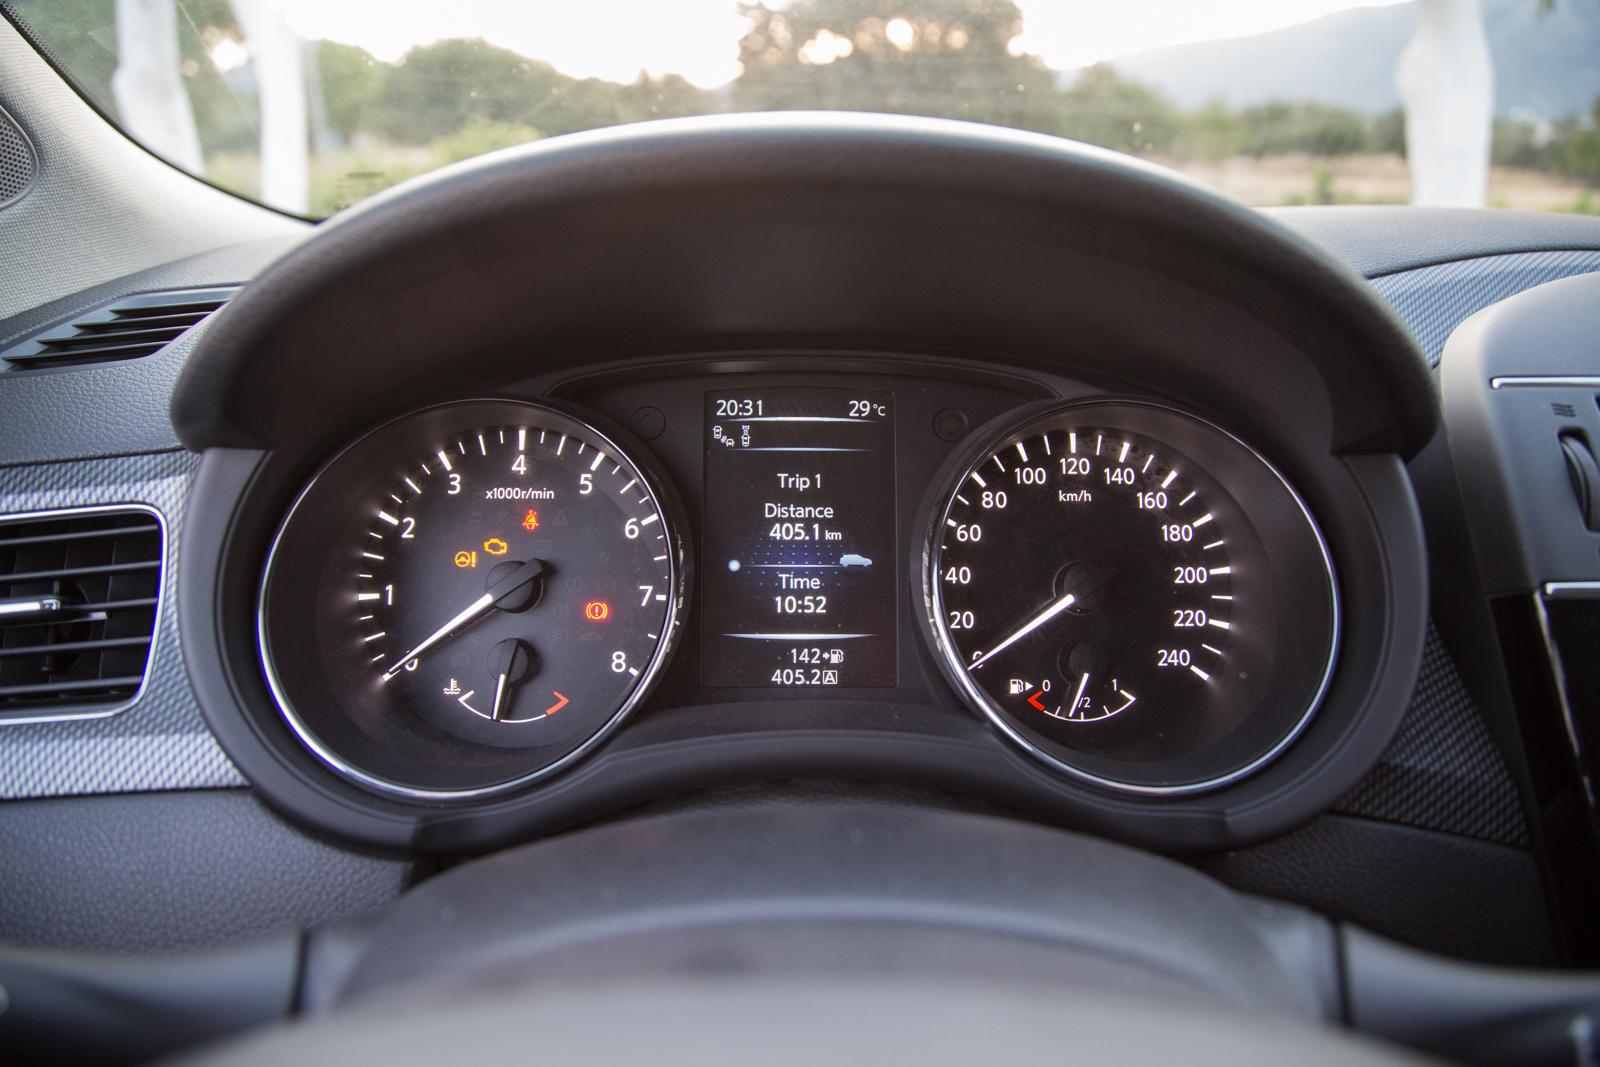 Test_Drive_Nissan_Pulsar_1.6_DiG-T_190_47